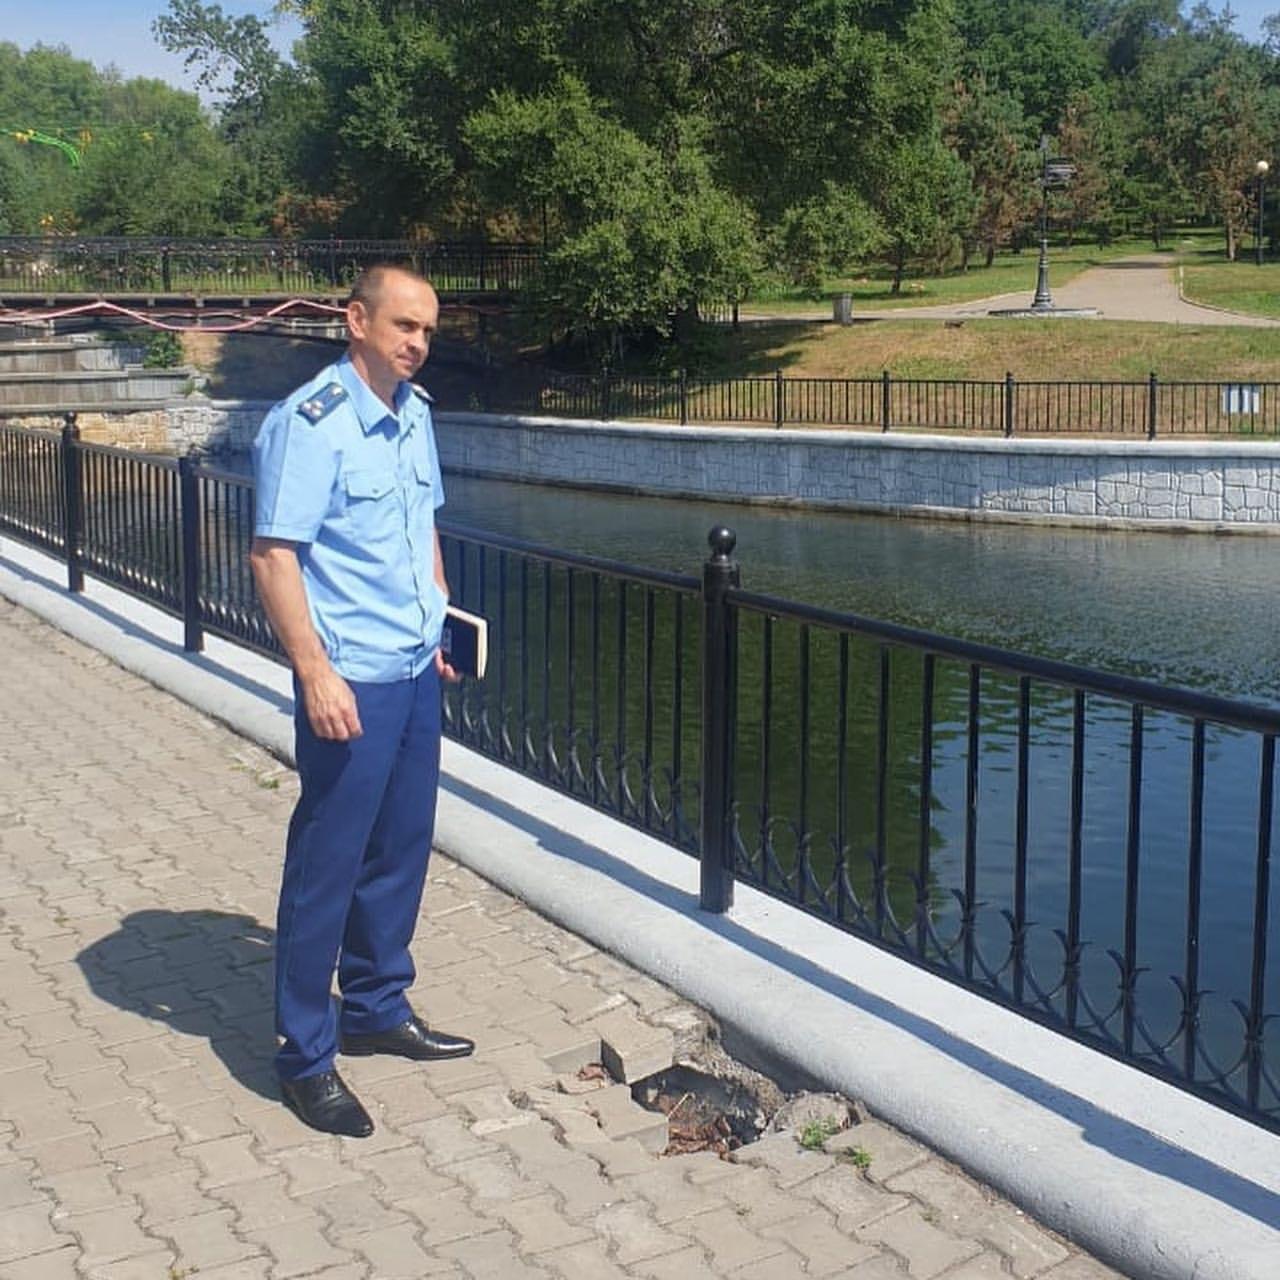 Прокуратура проверяет городские пруды в Хабаровске